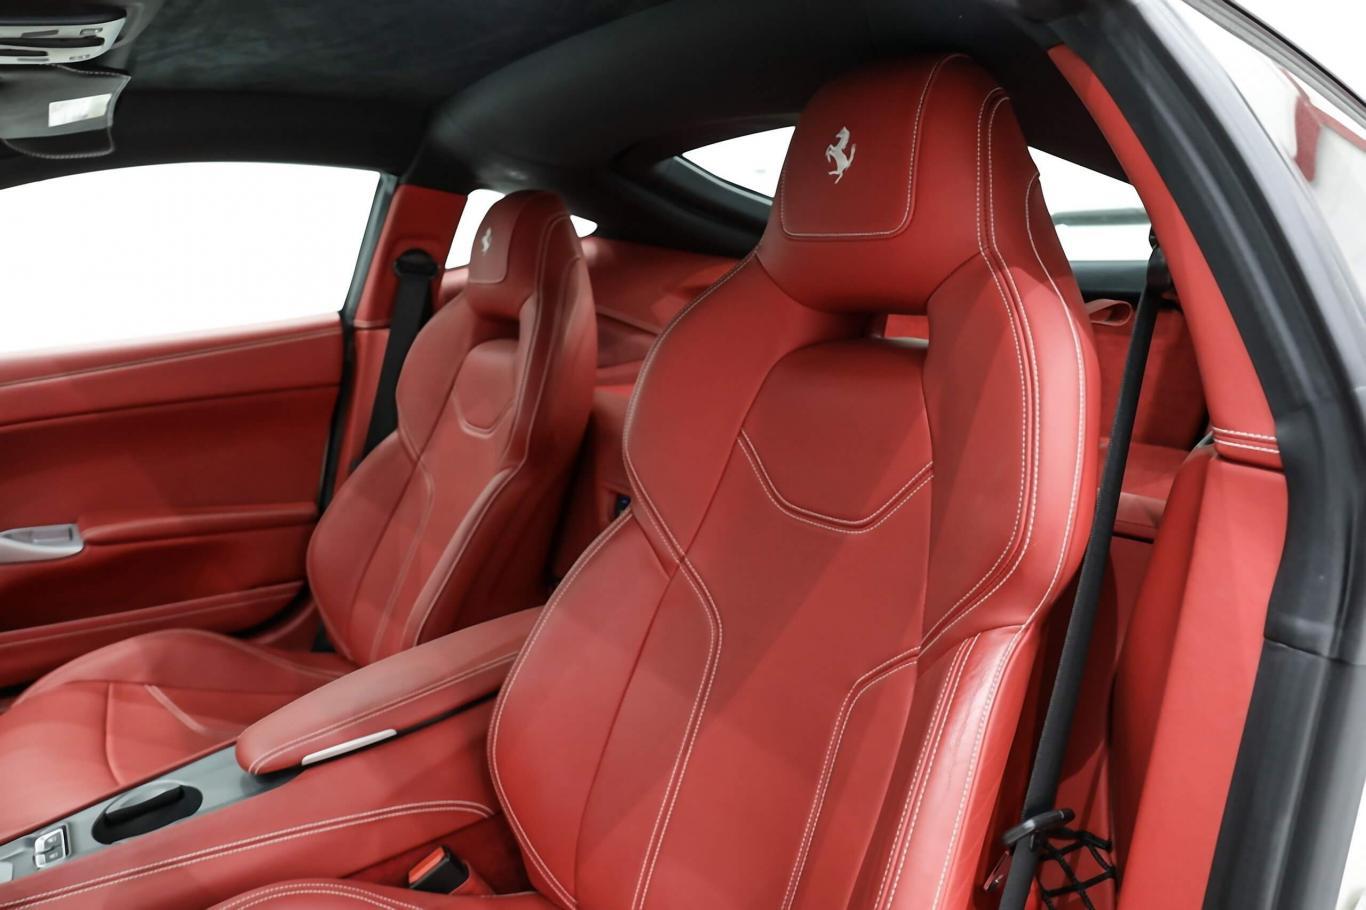 Ferrari F12 Novitec N Largo ,,\u003e Id36 Luxuryandexpensive.com